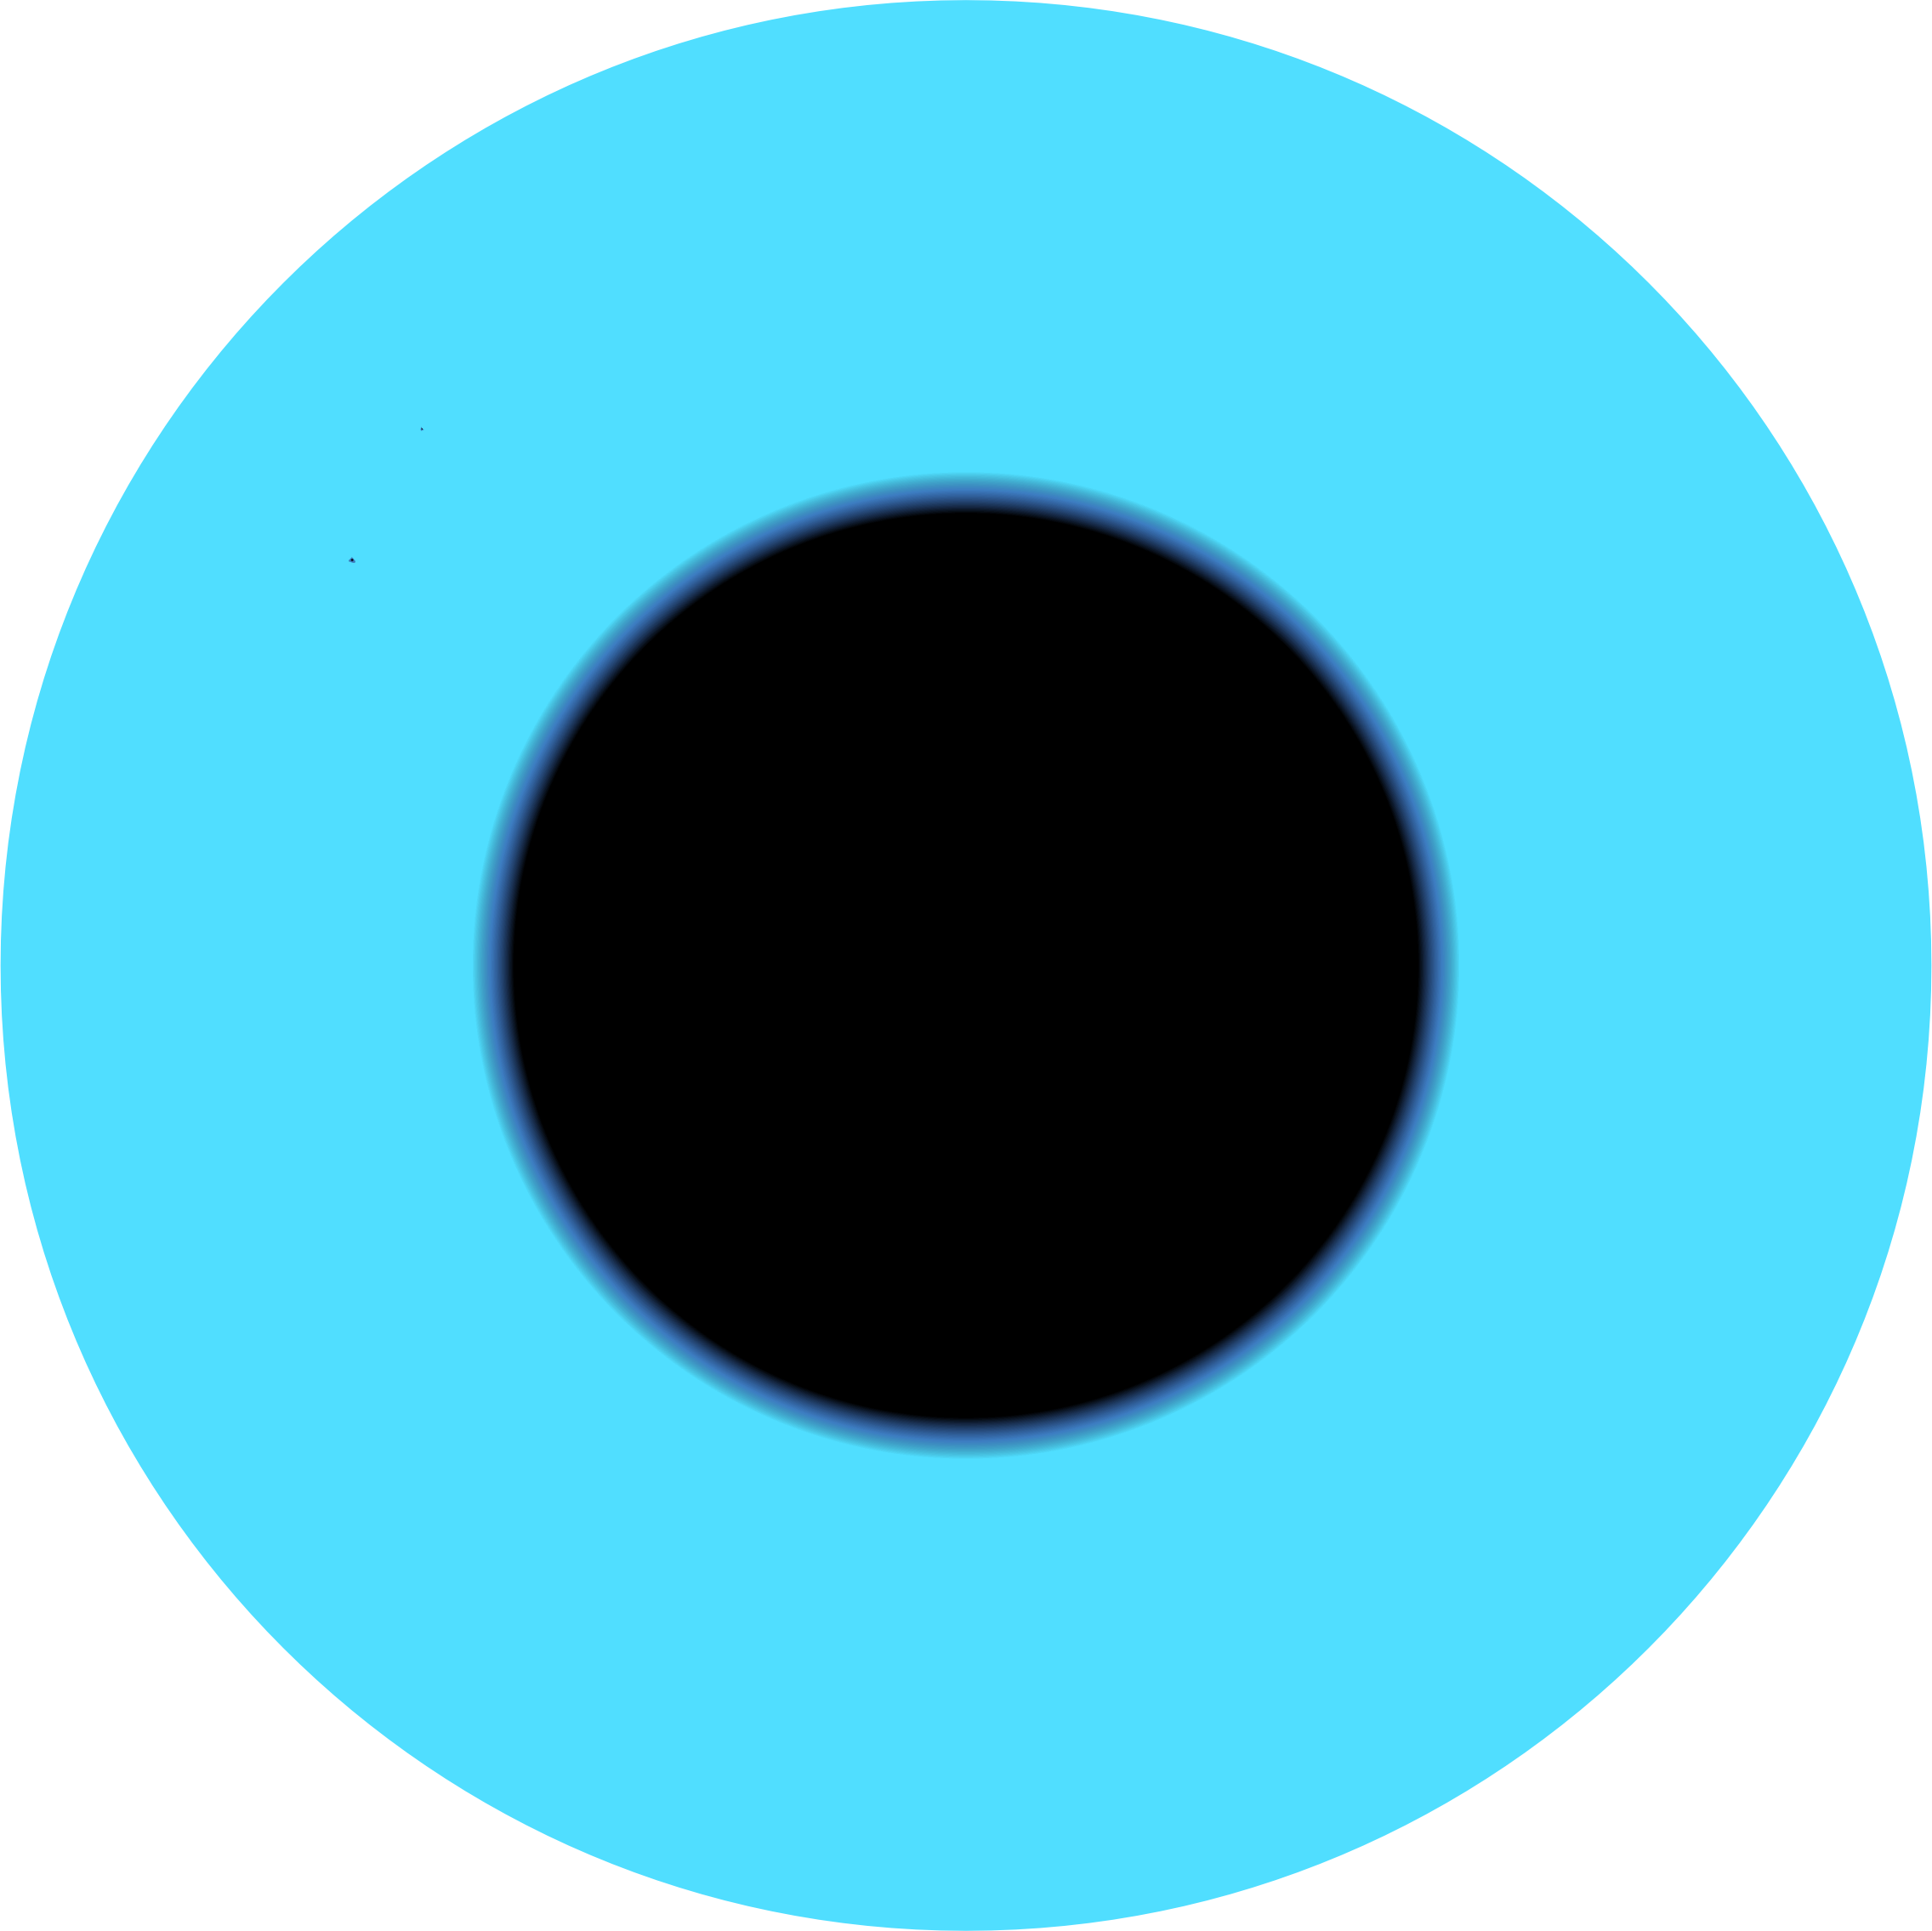 Iris Eye Clip Art